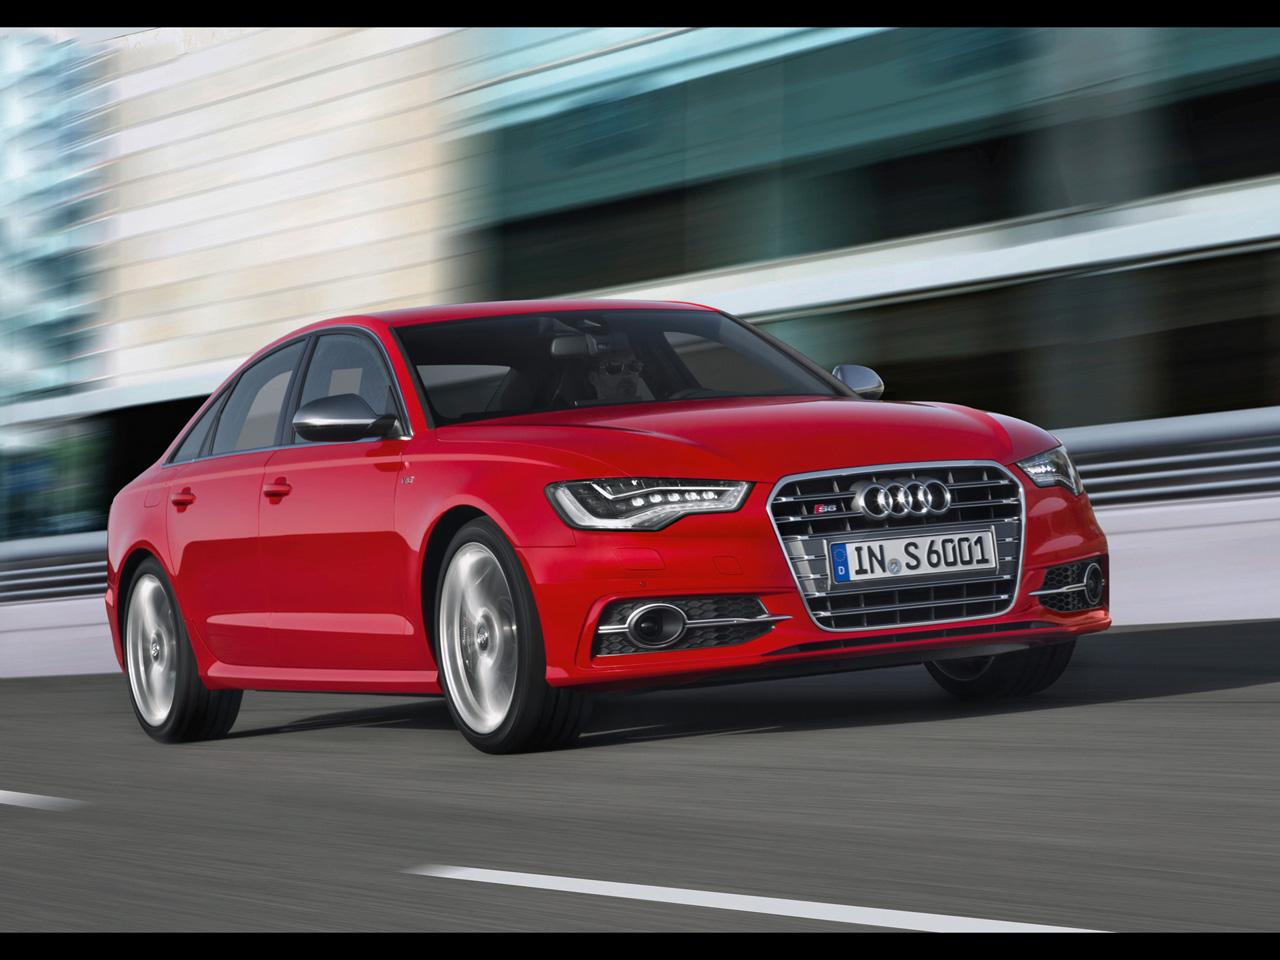 21 Gambar Modifikasi Mobil Audi A4 Terbaru Dan Terlengkap Motor Jepit